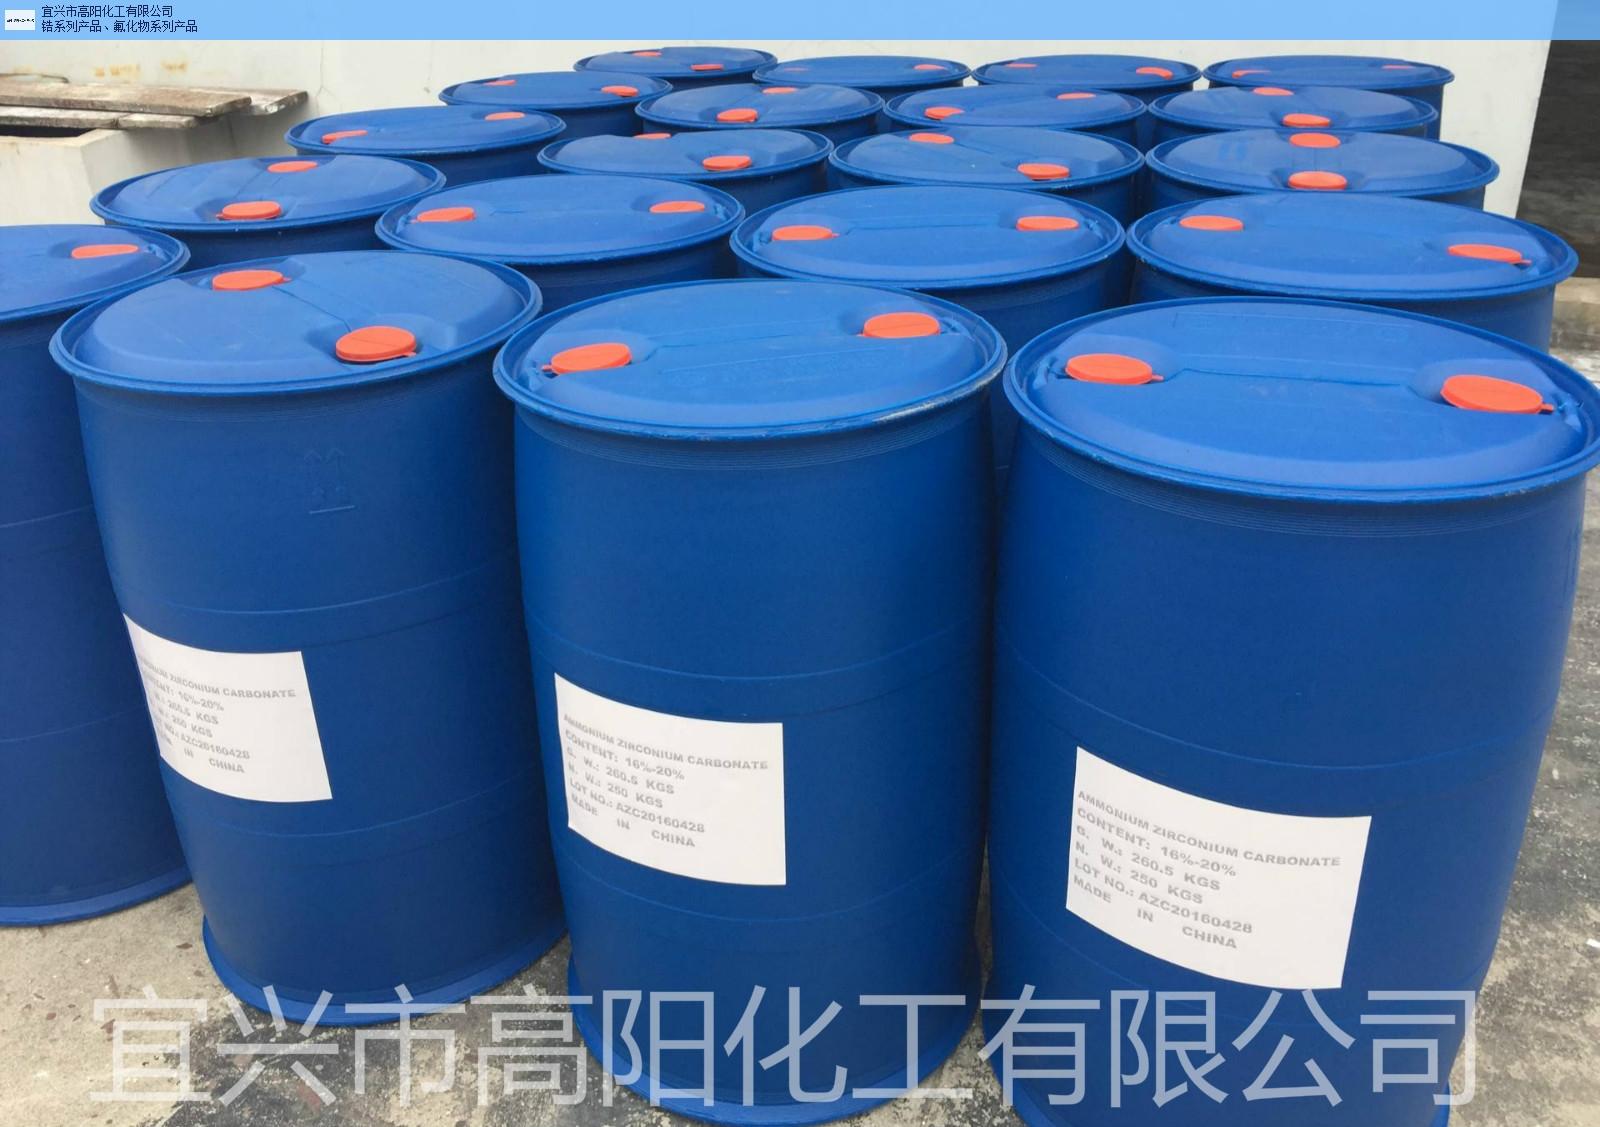 新品碳酸锆铵优质商家 和谐共赢 宜兴市高阳化工供应